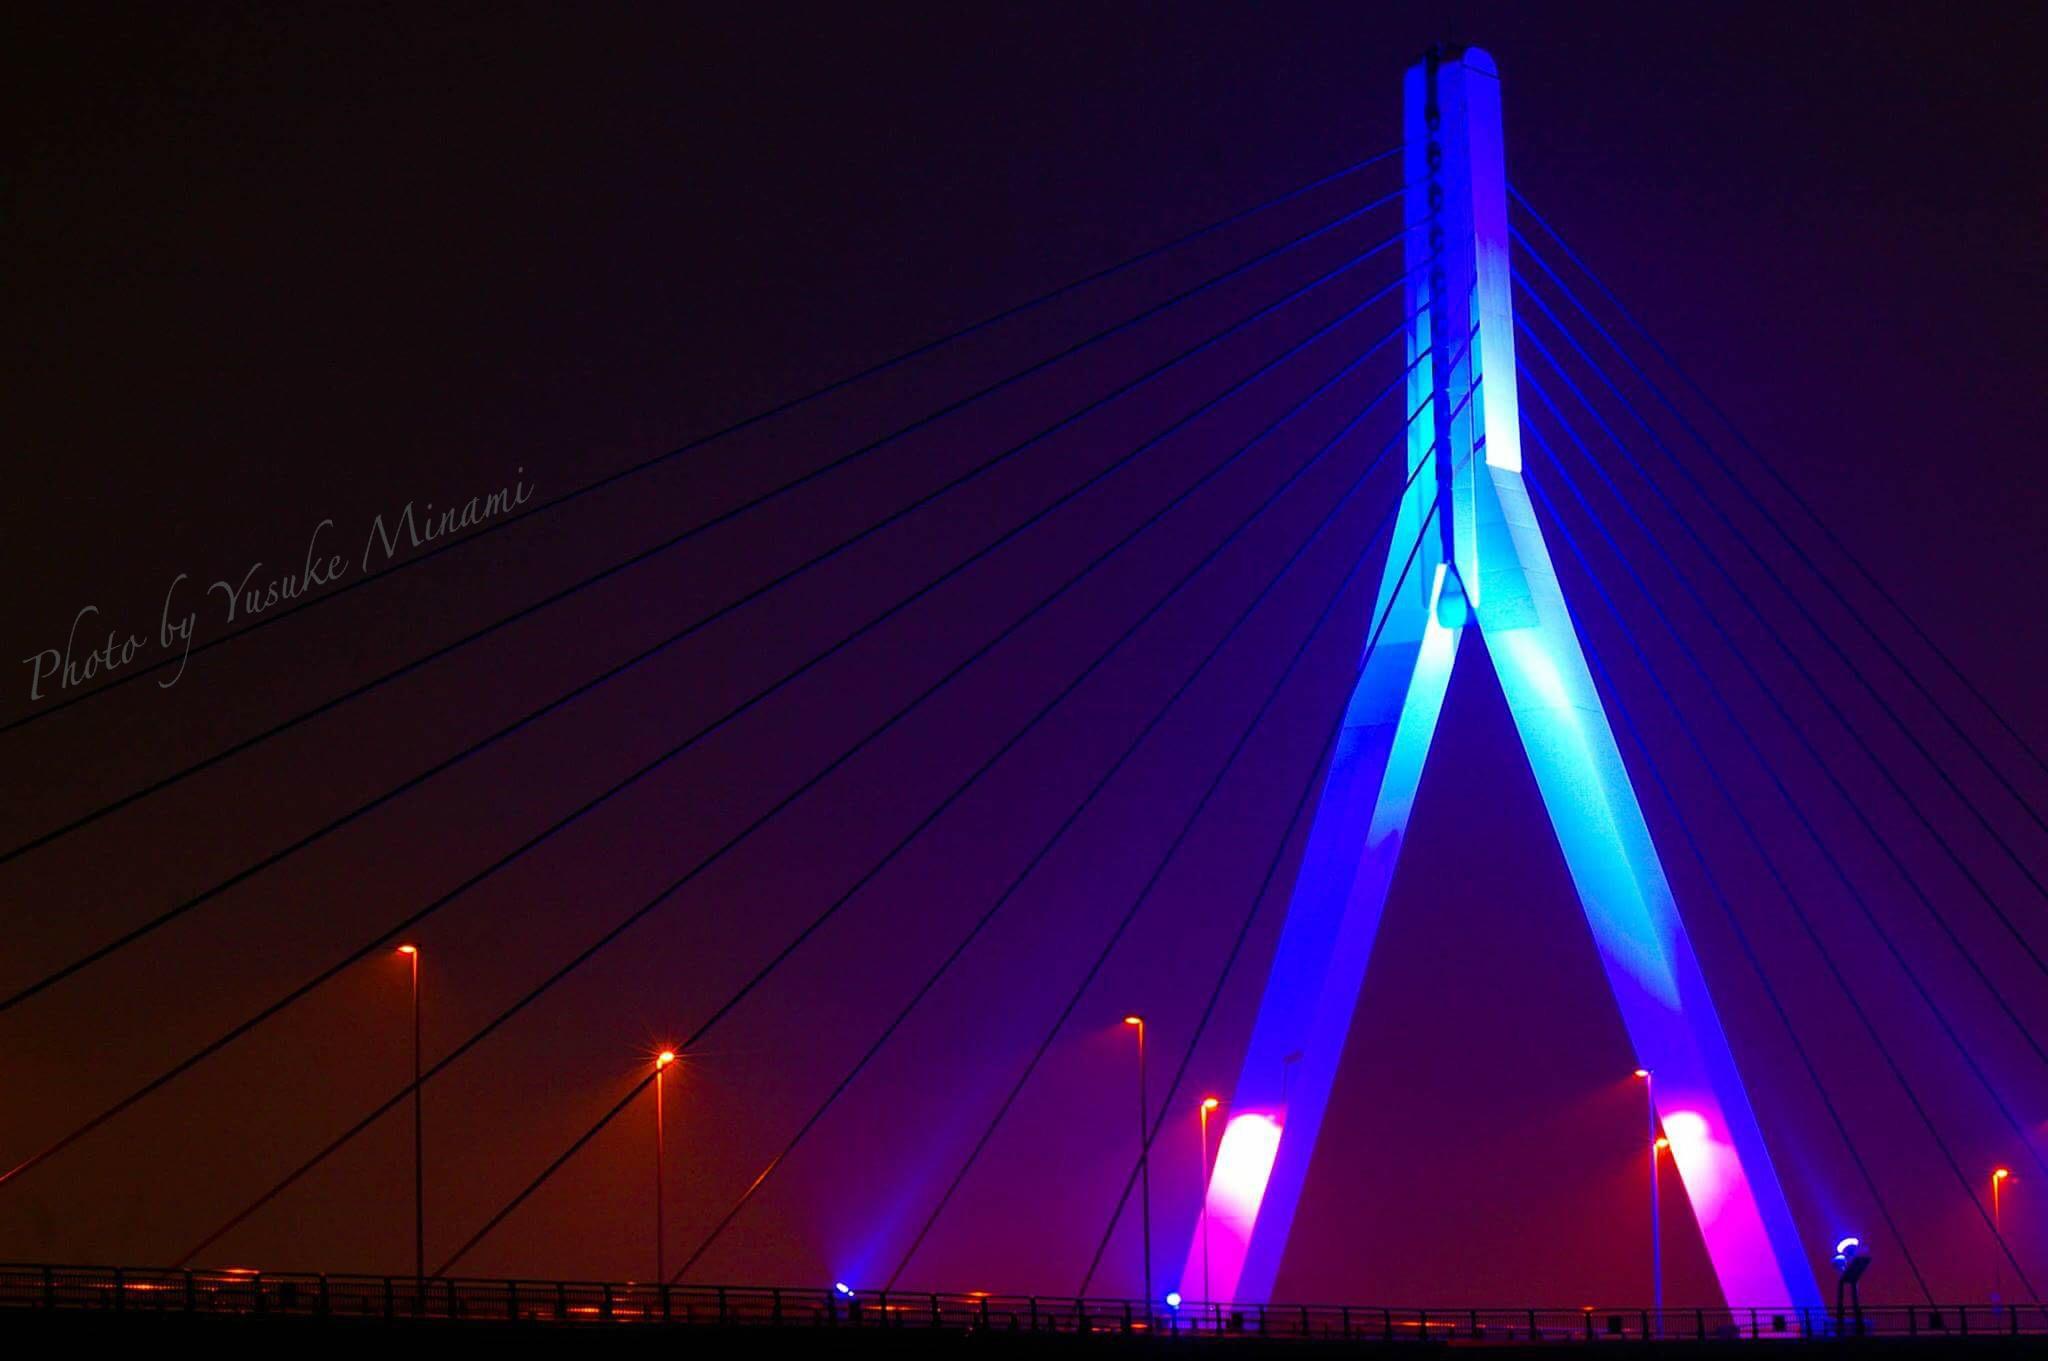 【世界糖尿病デー】 2016芦田川大橋のブルーライトアップはいつまで?/広島県福山市